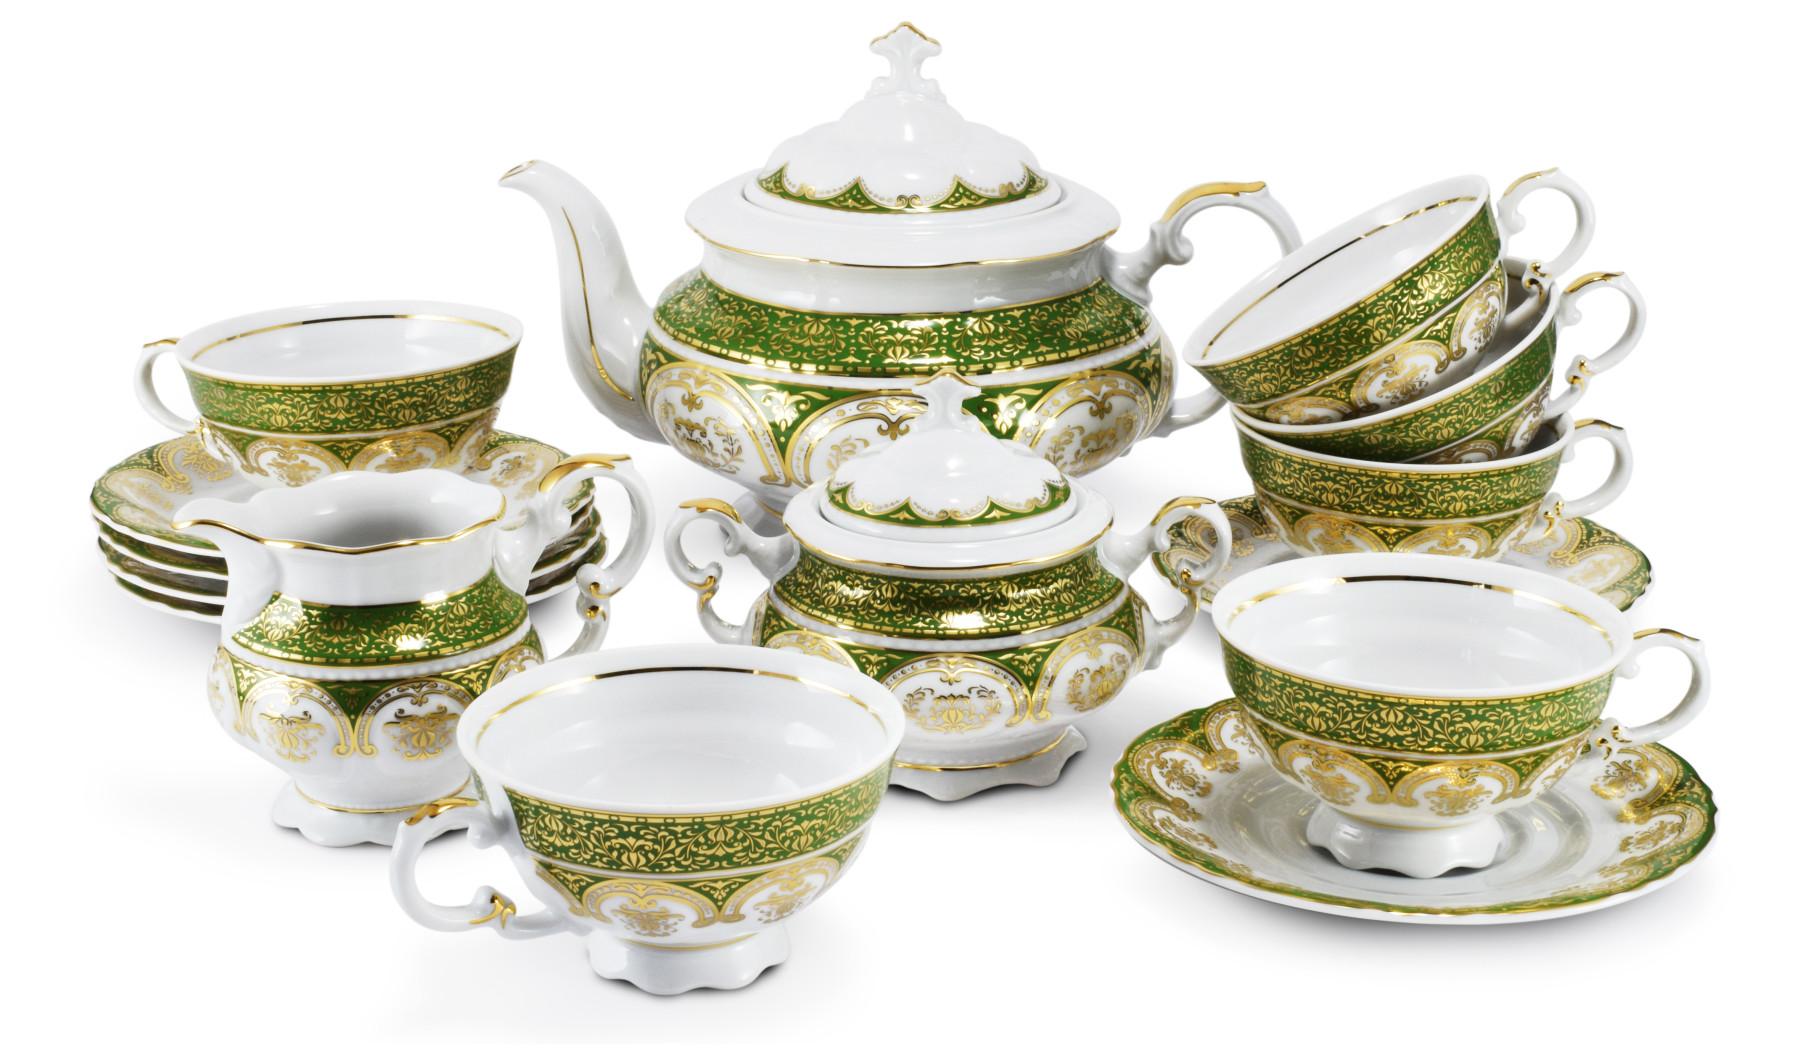 Tea set 15-piece - Chateau sonata